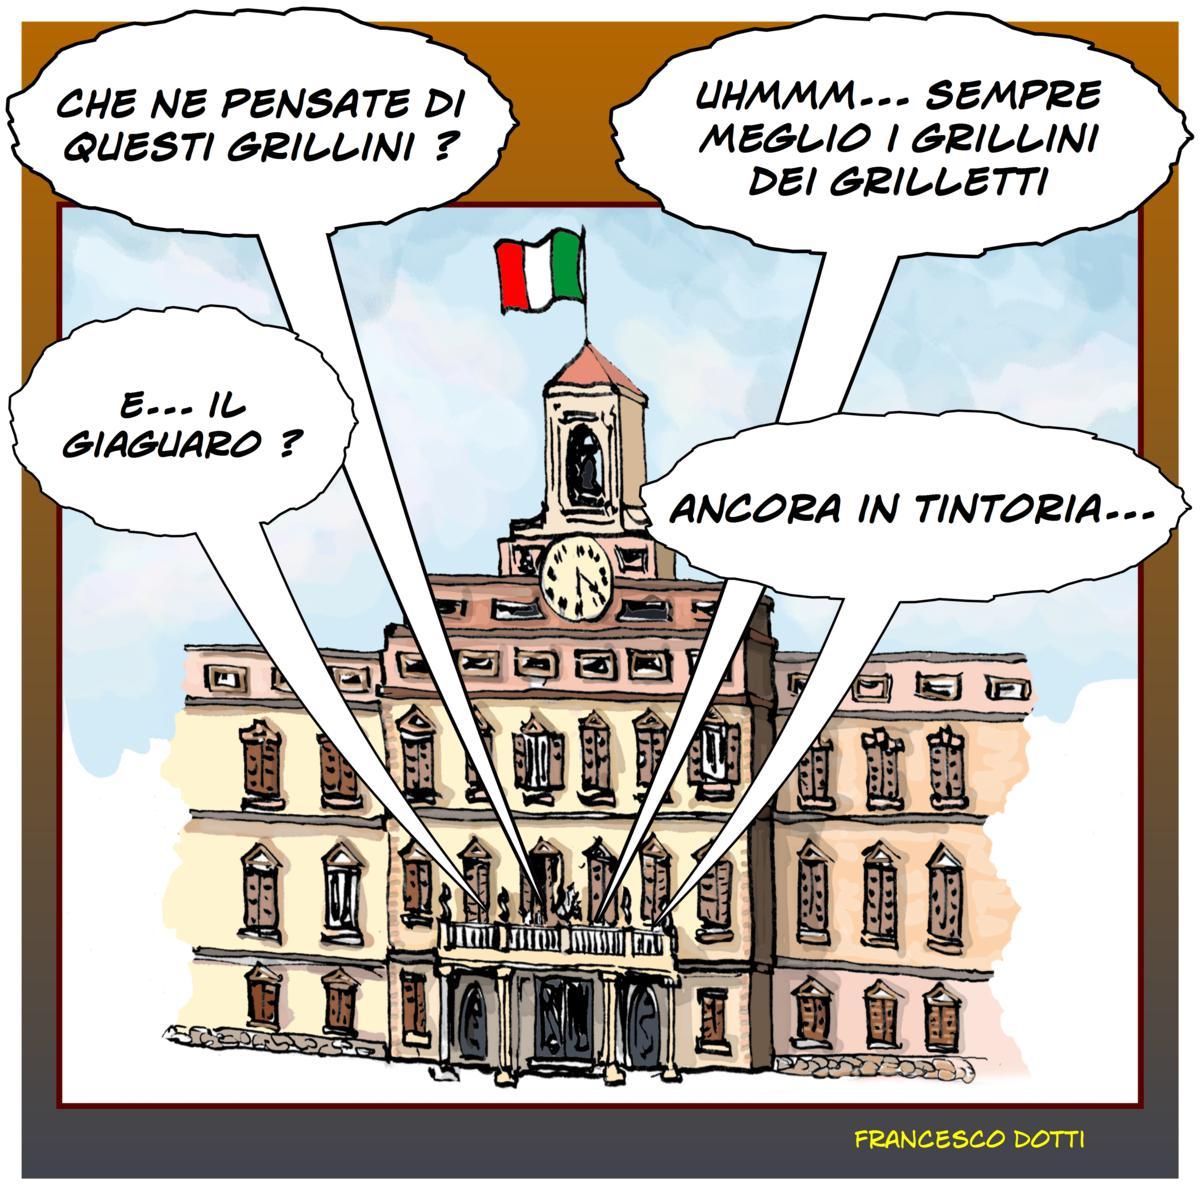 Hanno Finalmente Aboliti I Rimborsi Elettorali: CeccoDotti: Febbraio 2013